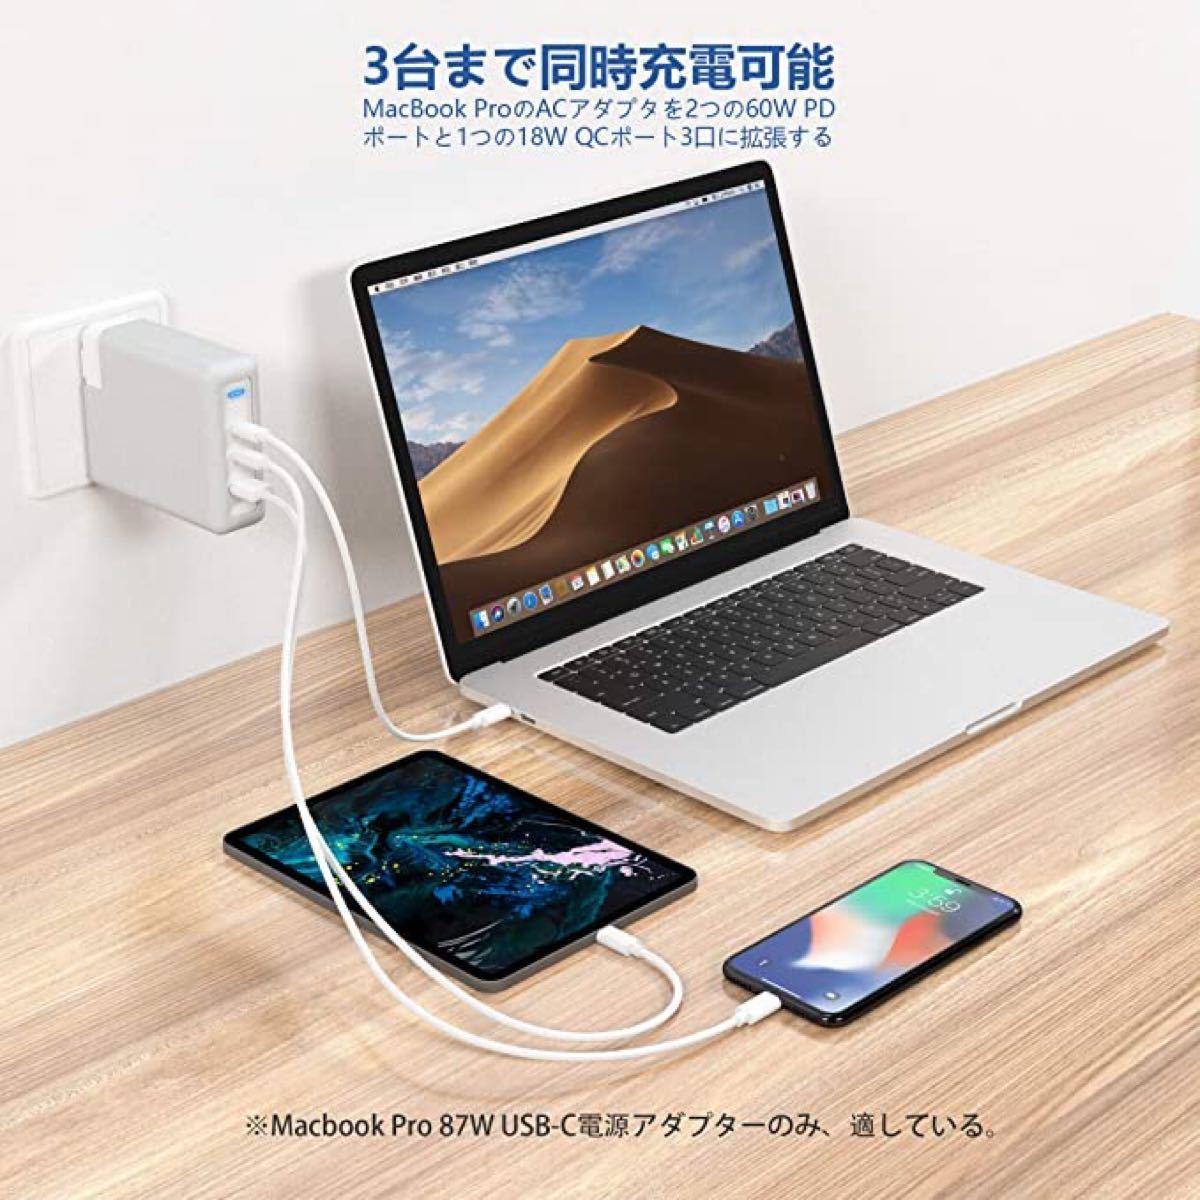 USB-C PD電源アダプター用 電力変換器 MacBook Pro AC専用